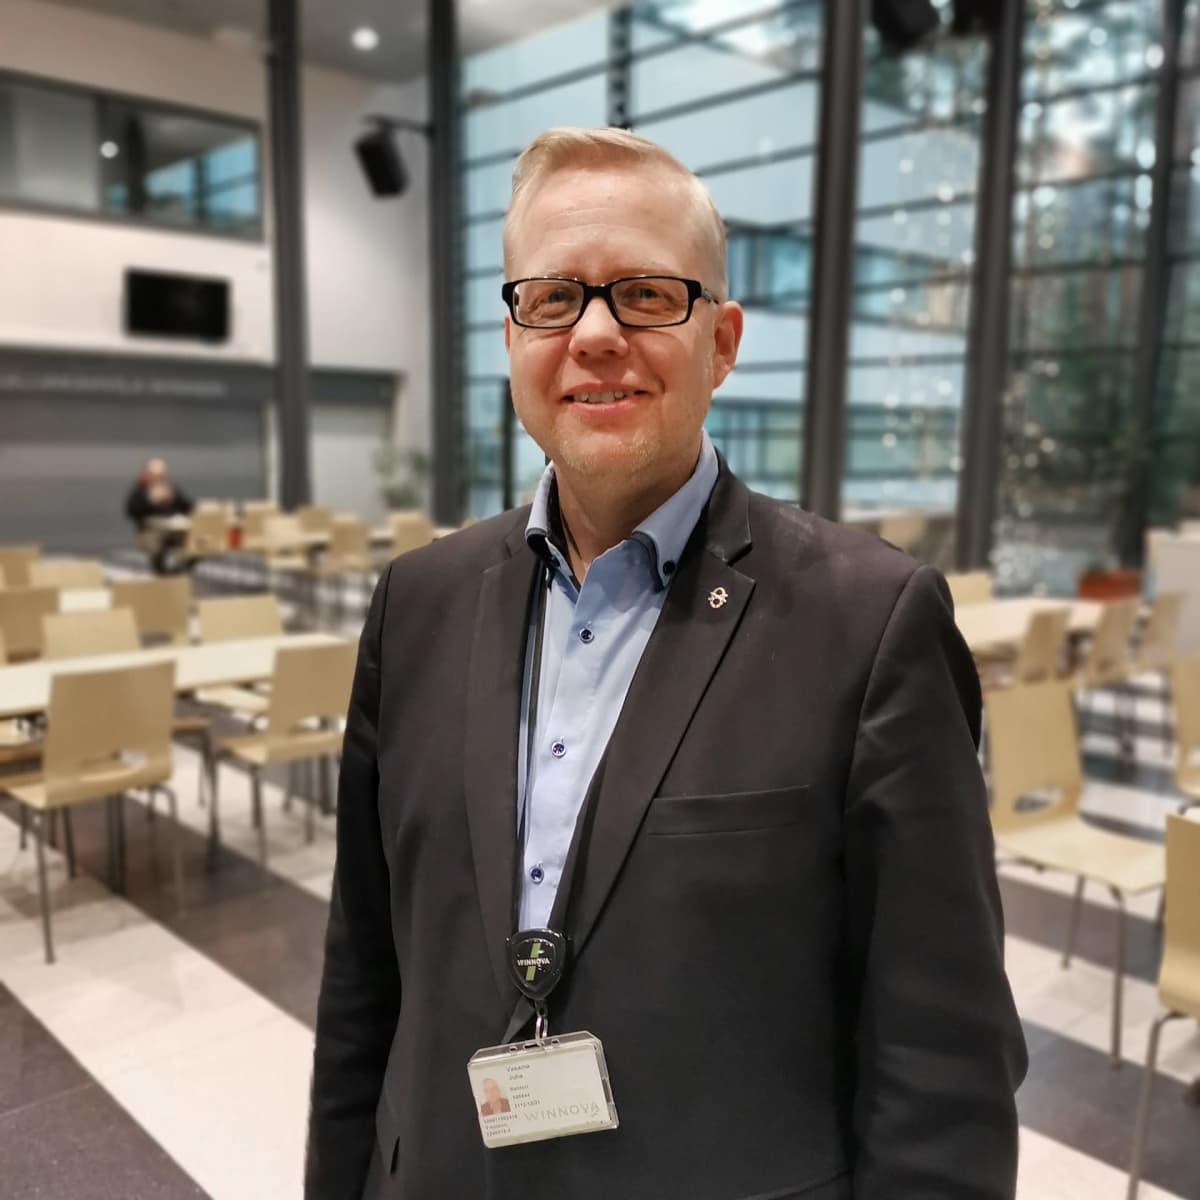 Juha Vasama seisoo koulun ruokalassa